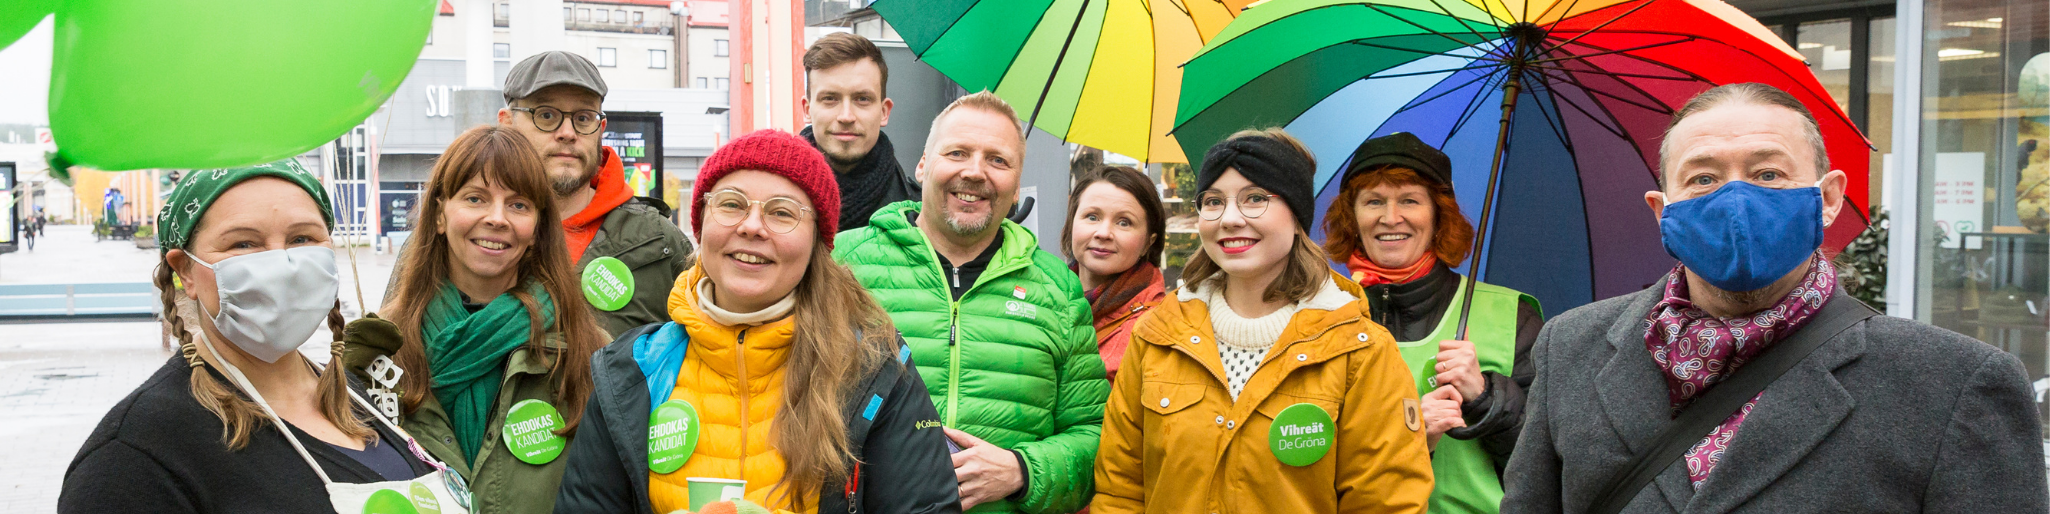 Kuntavaalikampanjan avaus 26.9.20 Rovaniemi